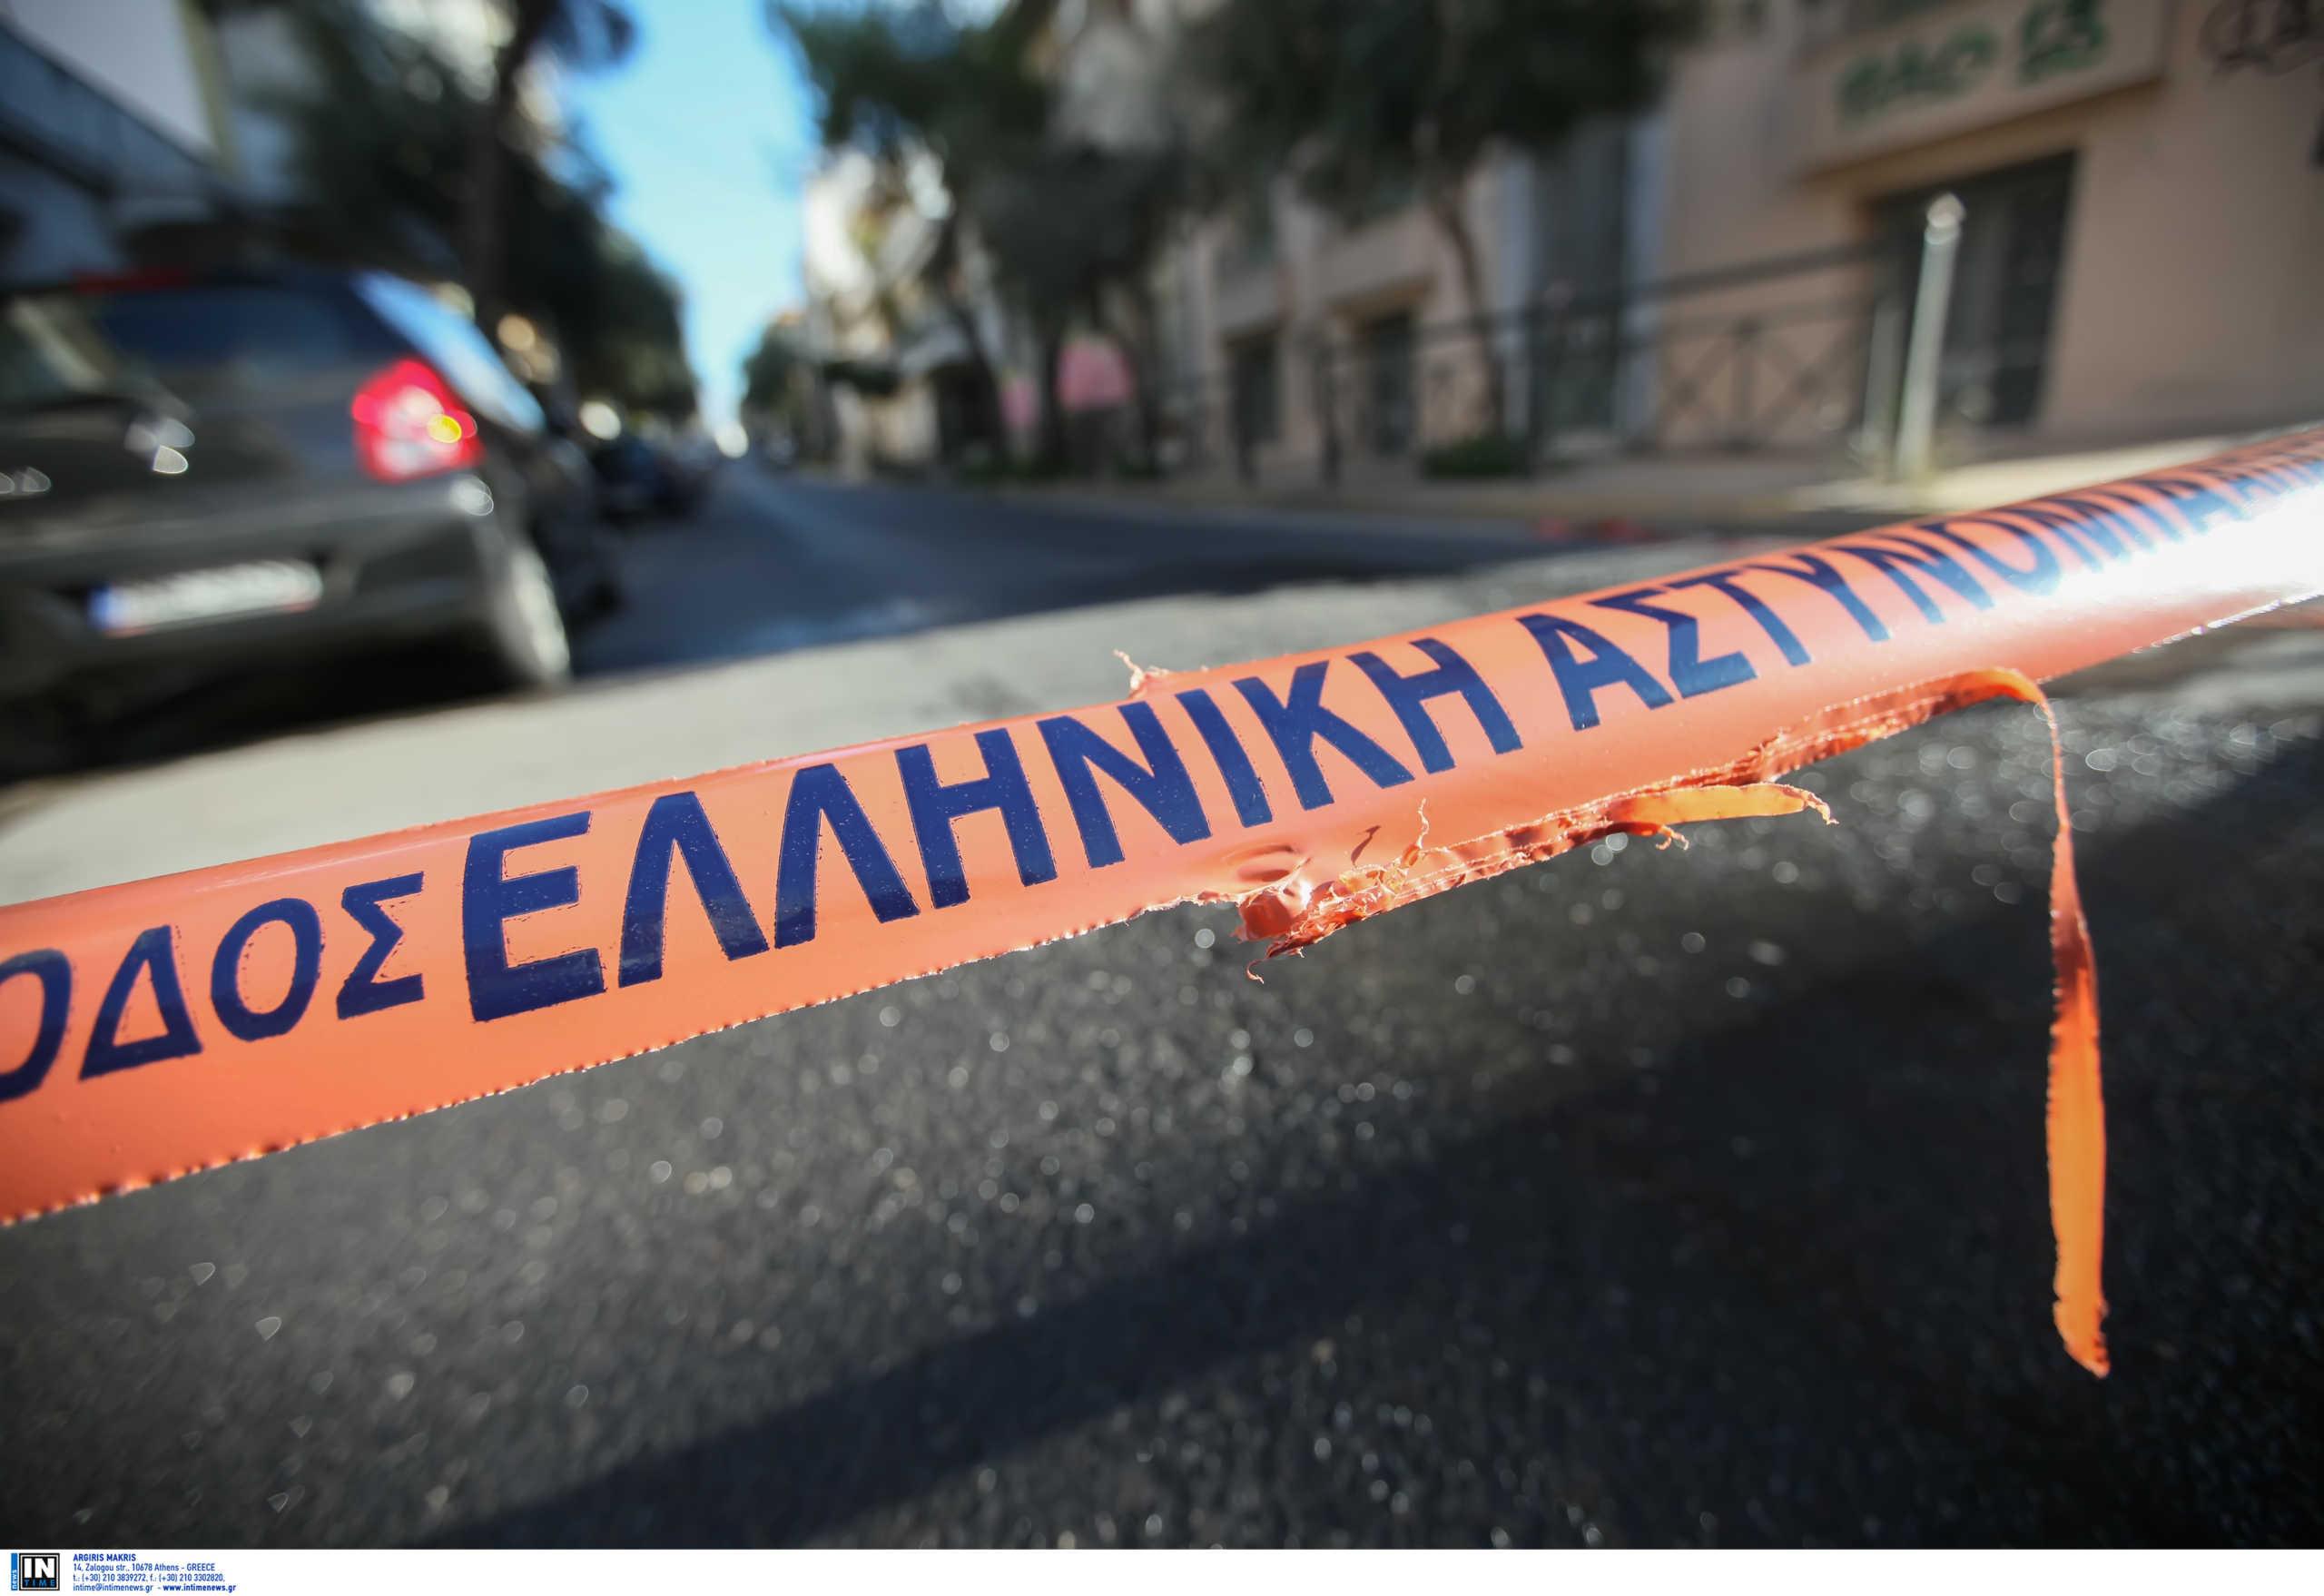 Θεσσαλονίκη: Οι χούλιγκαν δεν καταλαβαίνουν από κορονοϊό και απαγορεύσεις! Συλλήψεις μετά την άγρια επίθεση